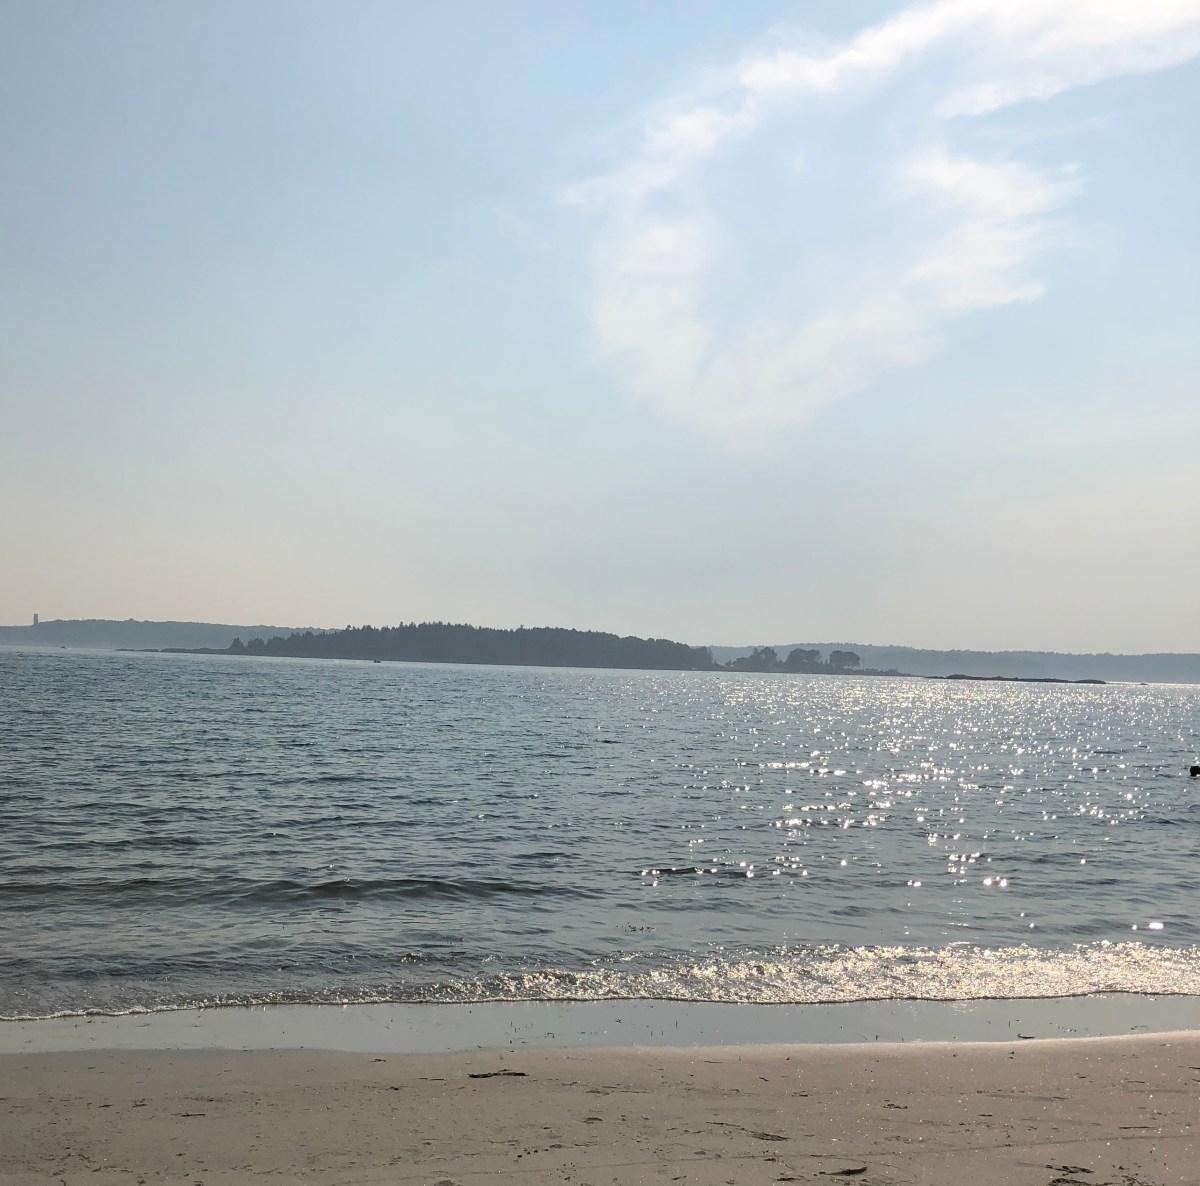 pemaquid beach - 1